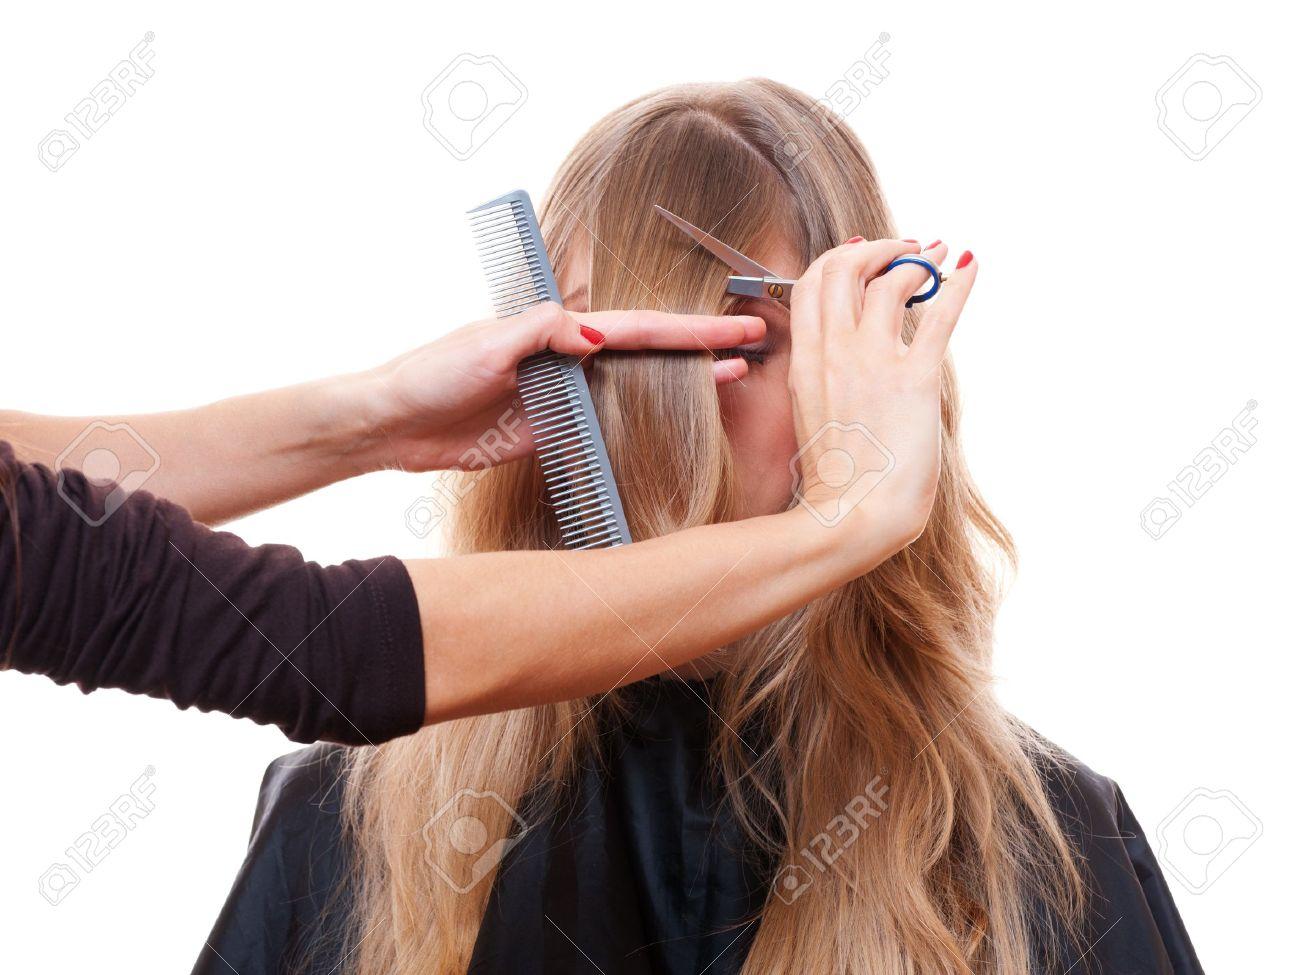 hairdresser cutting models fringe. isolated on white background Stock Photo - 12428743